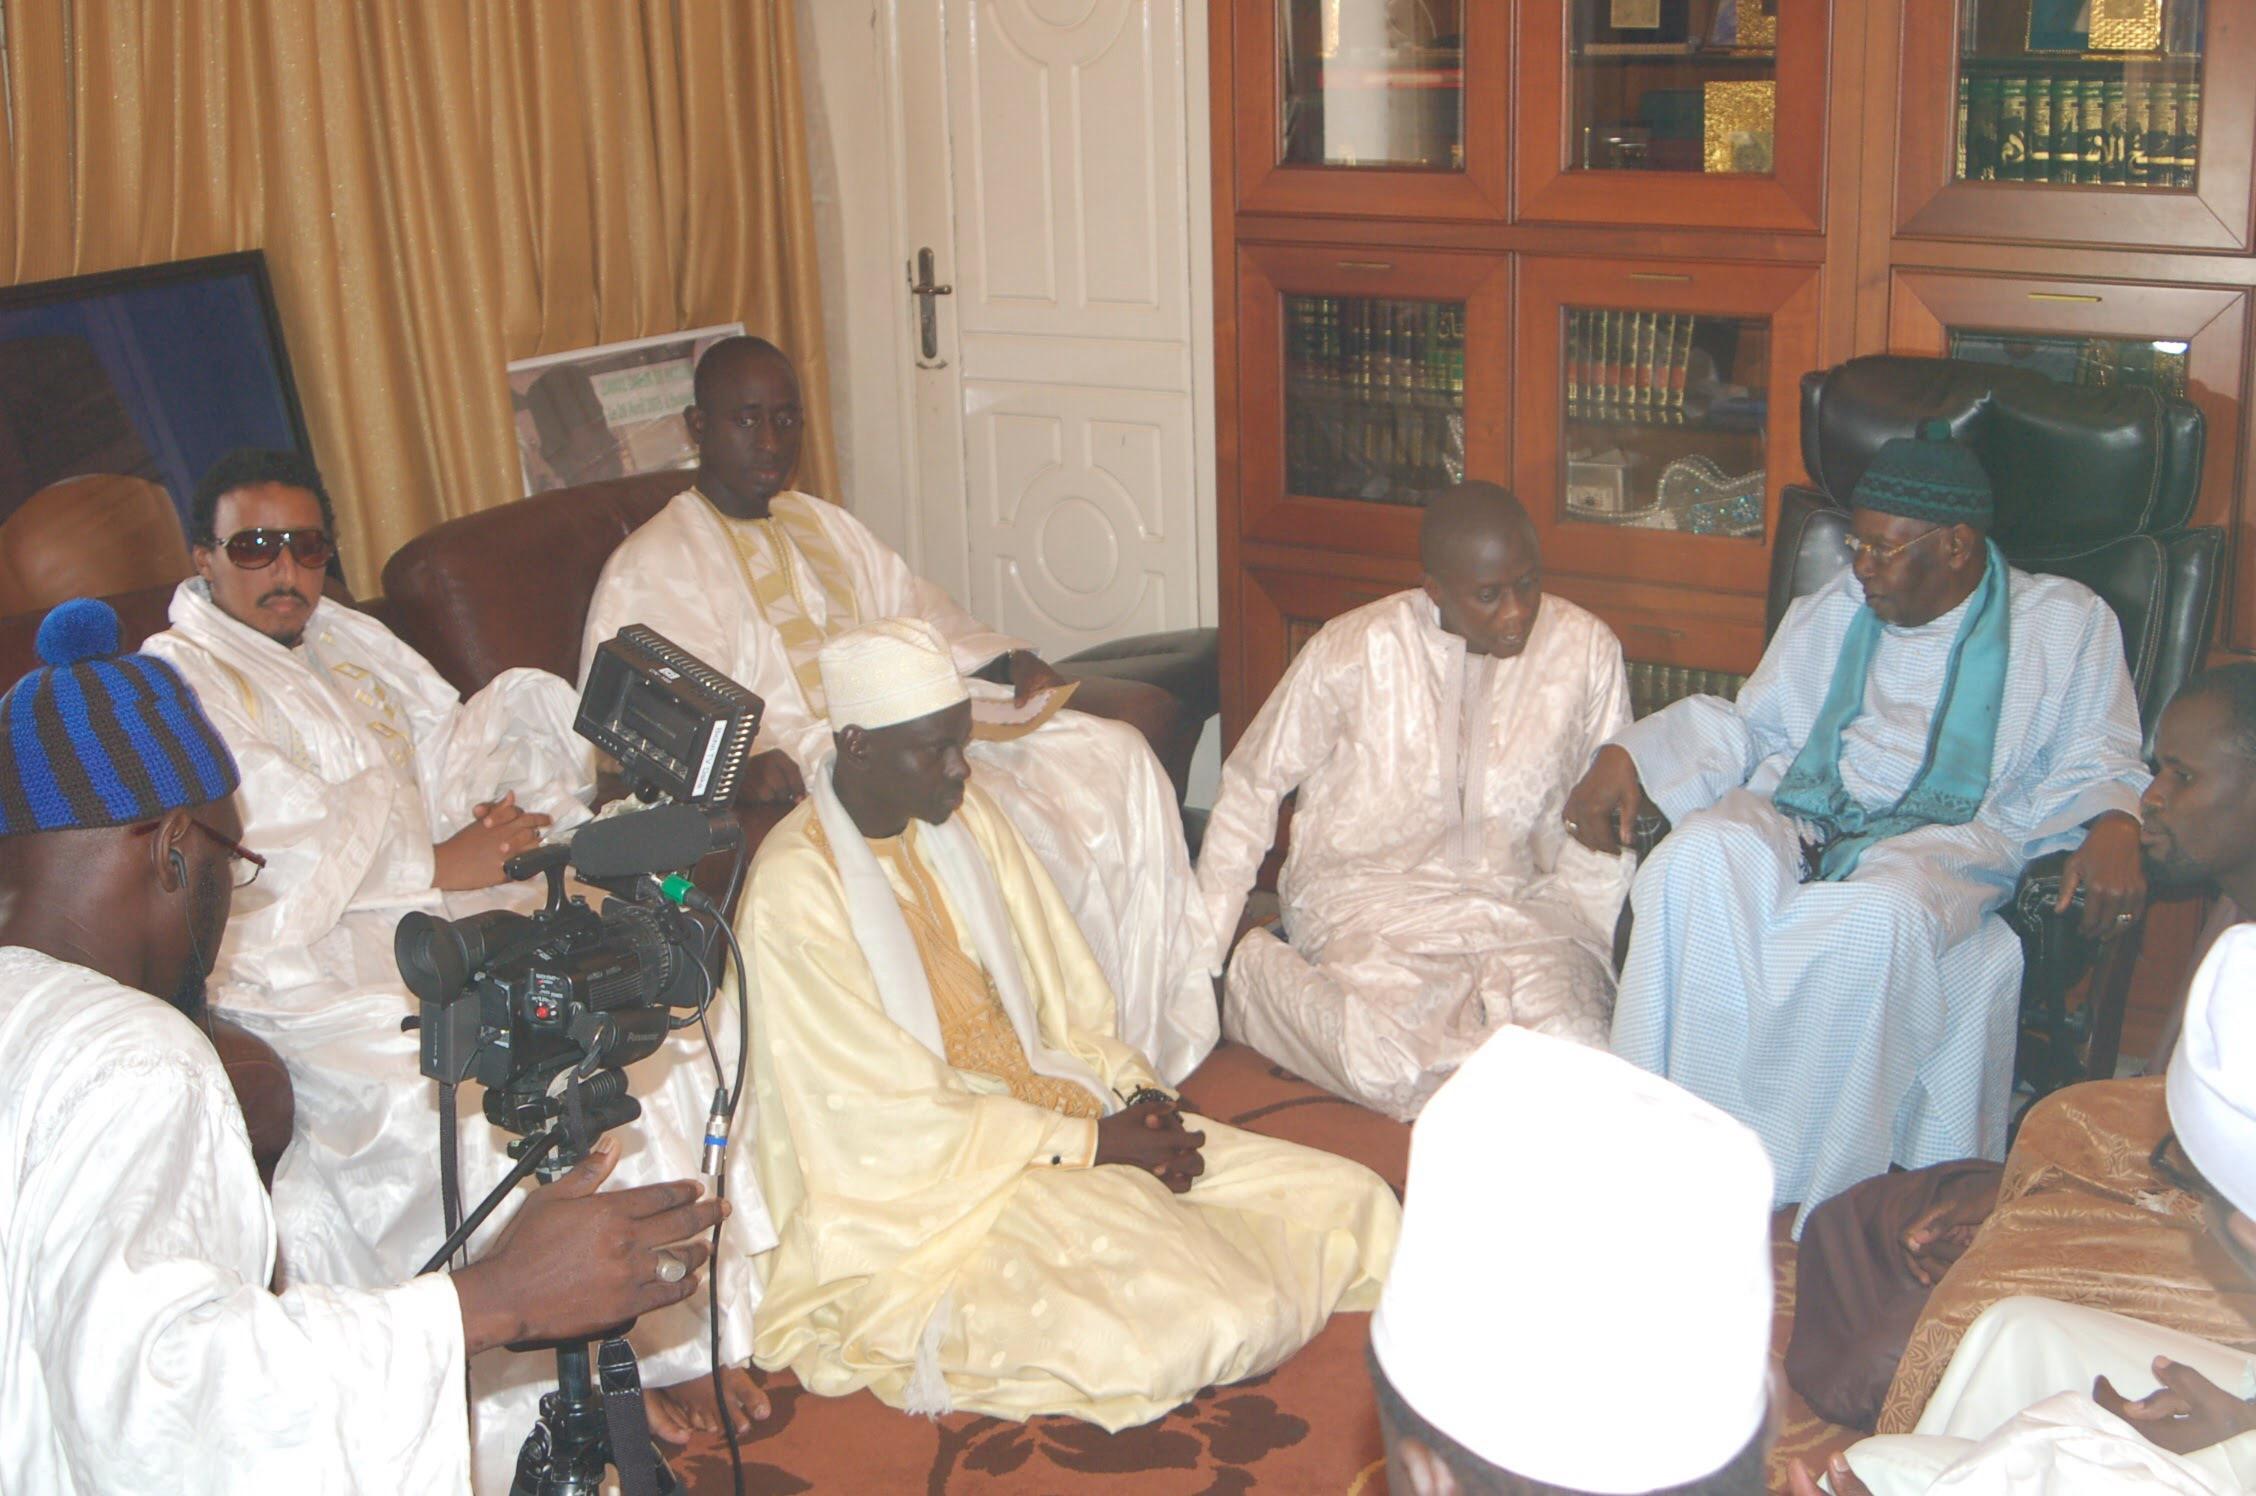 L'Association Islamique pour servir le Soufisme (A.I.S)  en lutte contre la dépravation des mœurs, l'extrémisme religieux et la violence